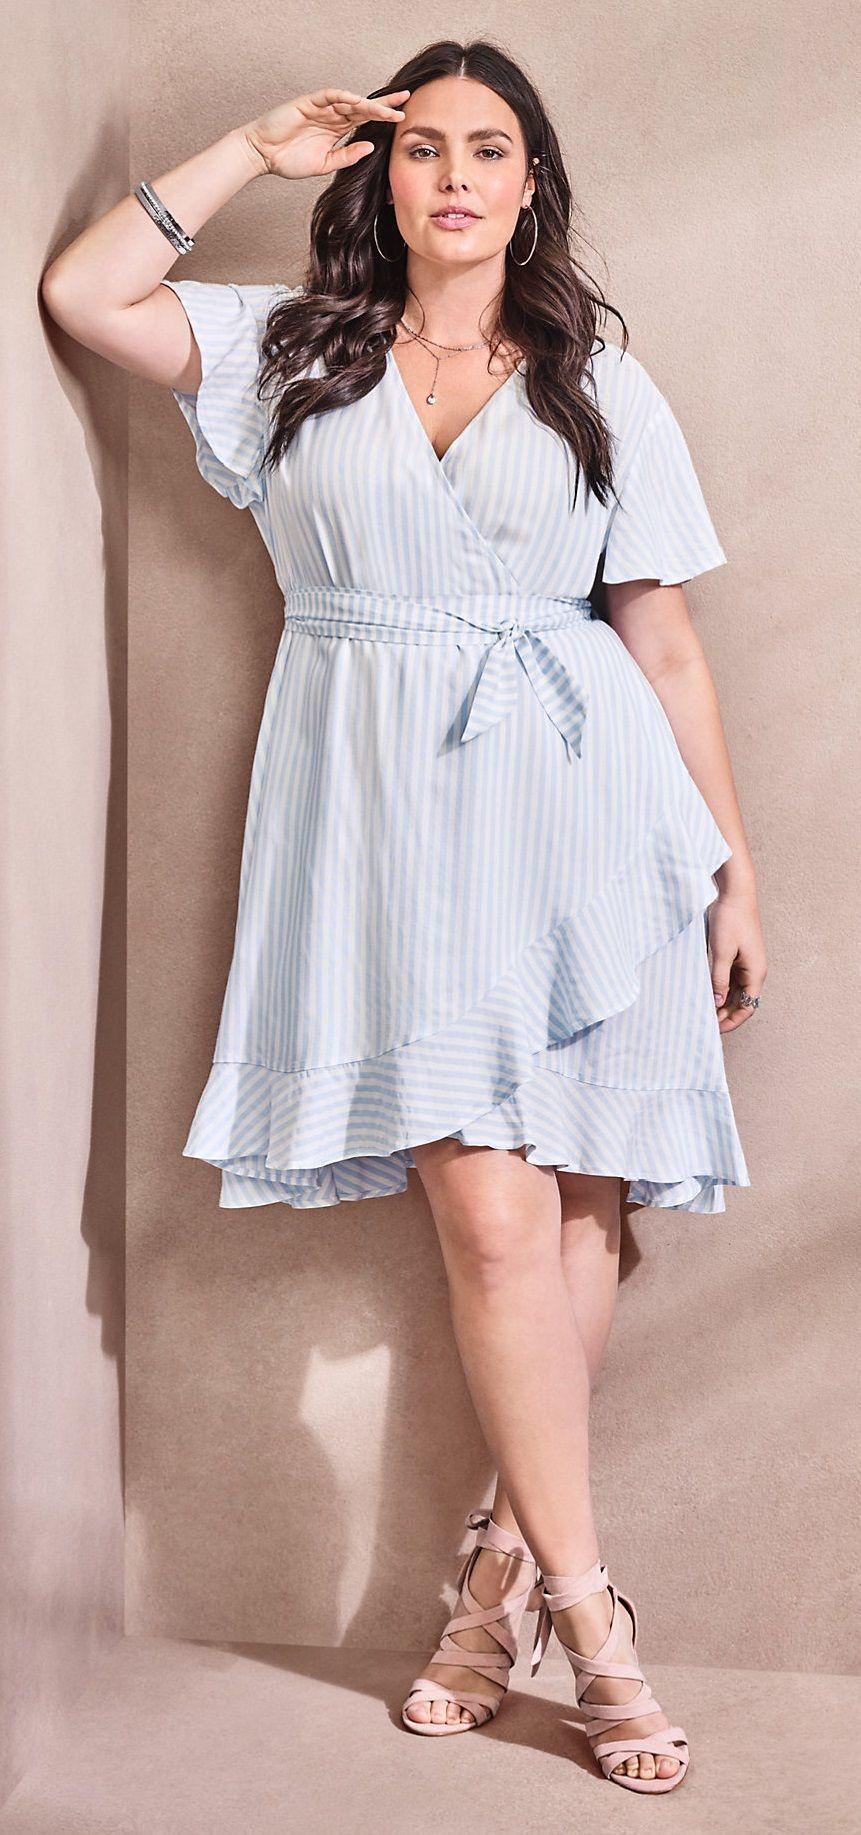 Plus Size Wrap Dress Plussizespringoutfits Looks Plus Size Vestidos Belos Vestidos [ 1835 x 861 Pixel ]